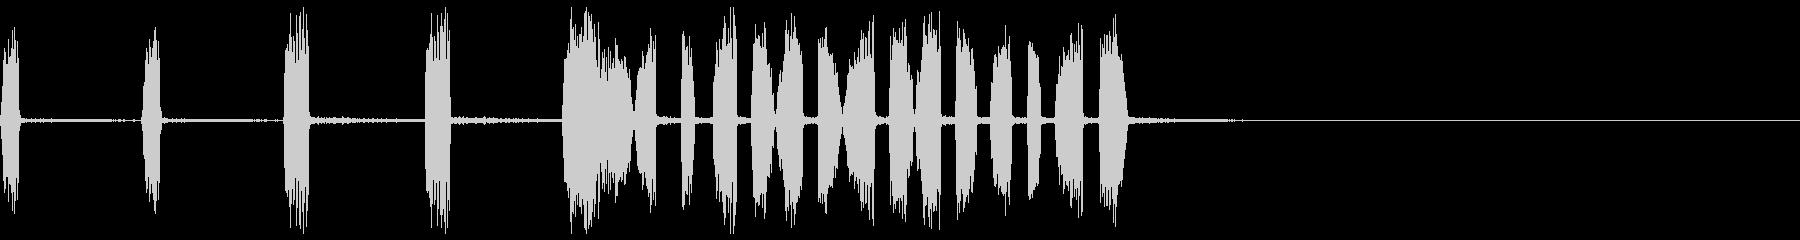 スクラッチ音の未再生の波形